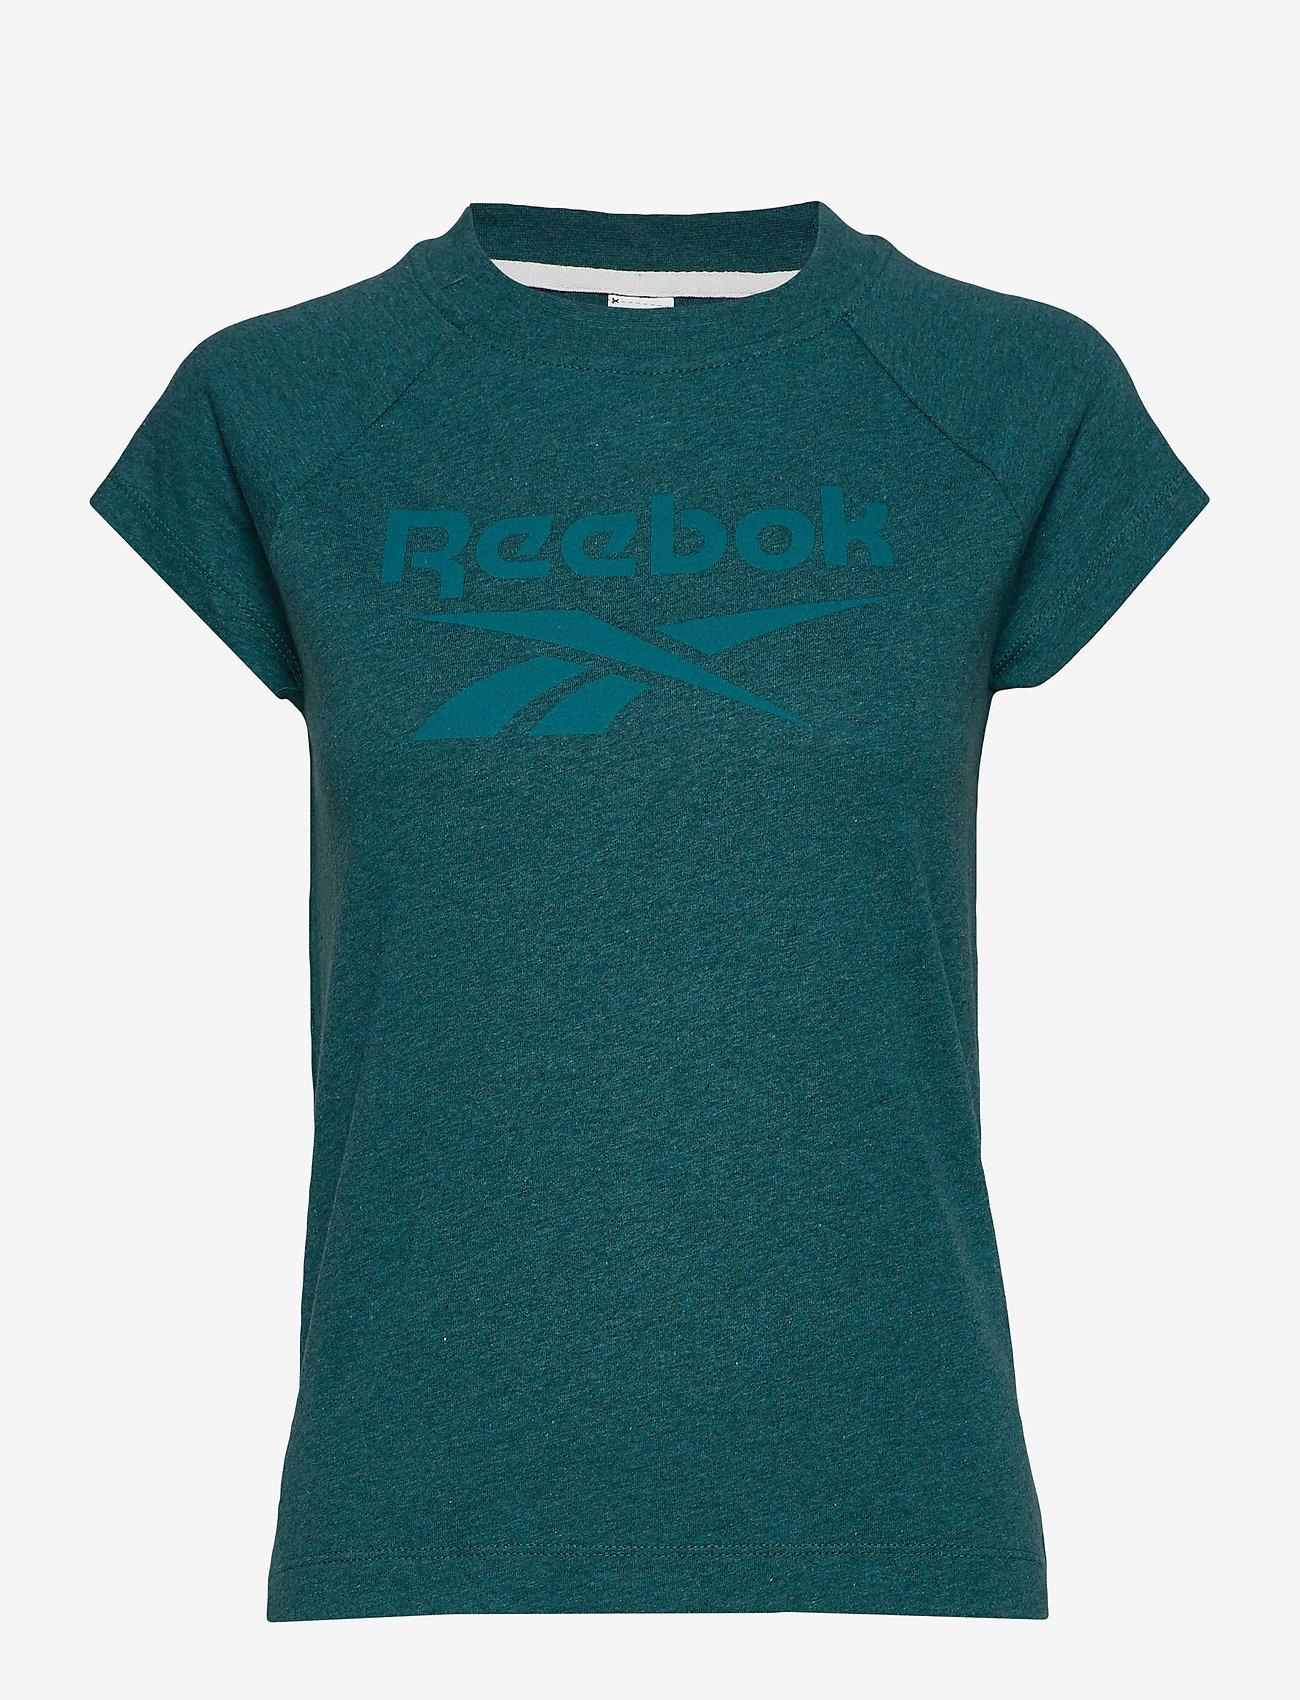 Damen T Shirt Reebok Texture Logo Blue |